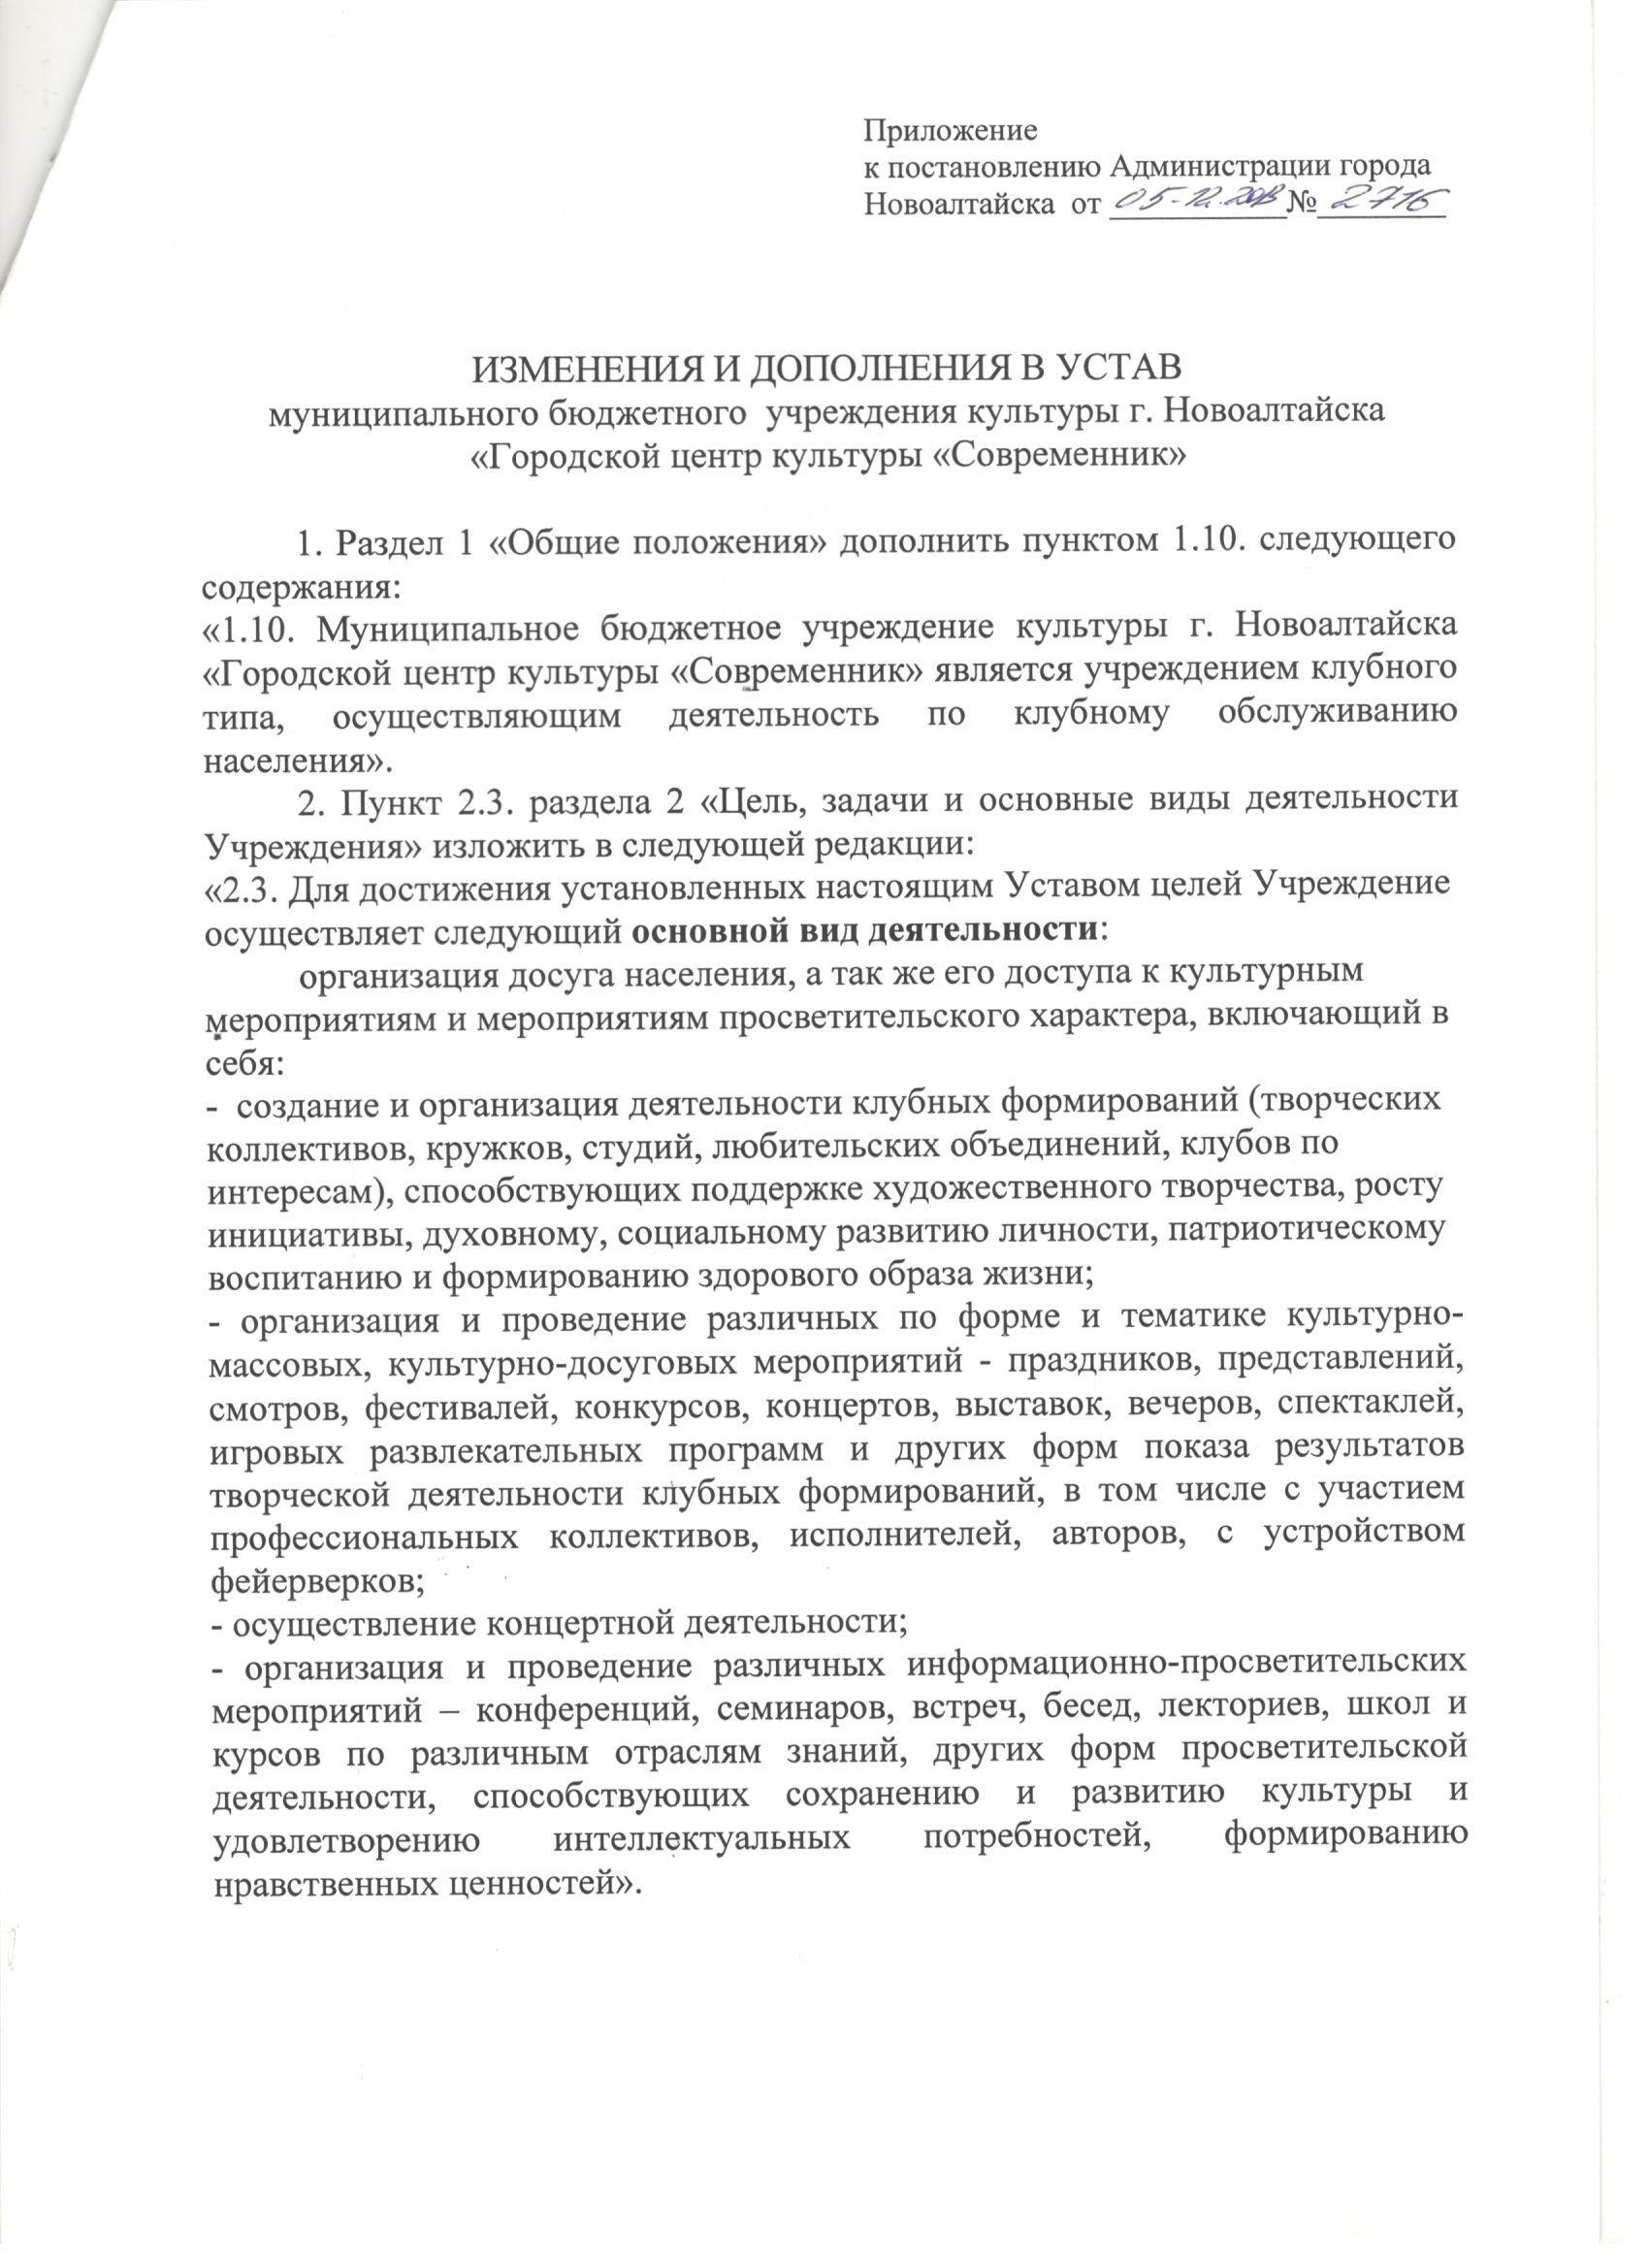 13-1  05.12.2013   2   изменения